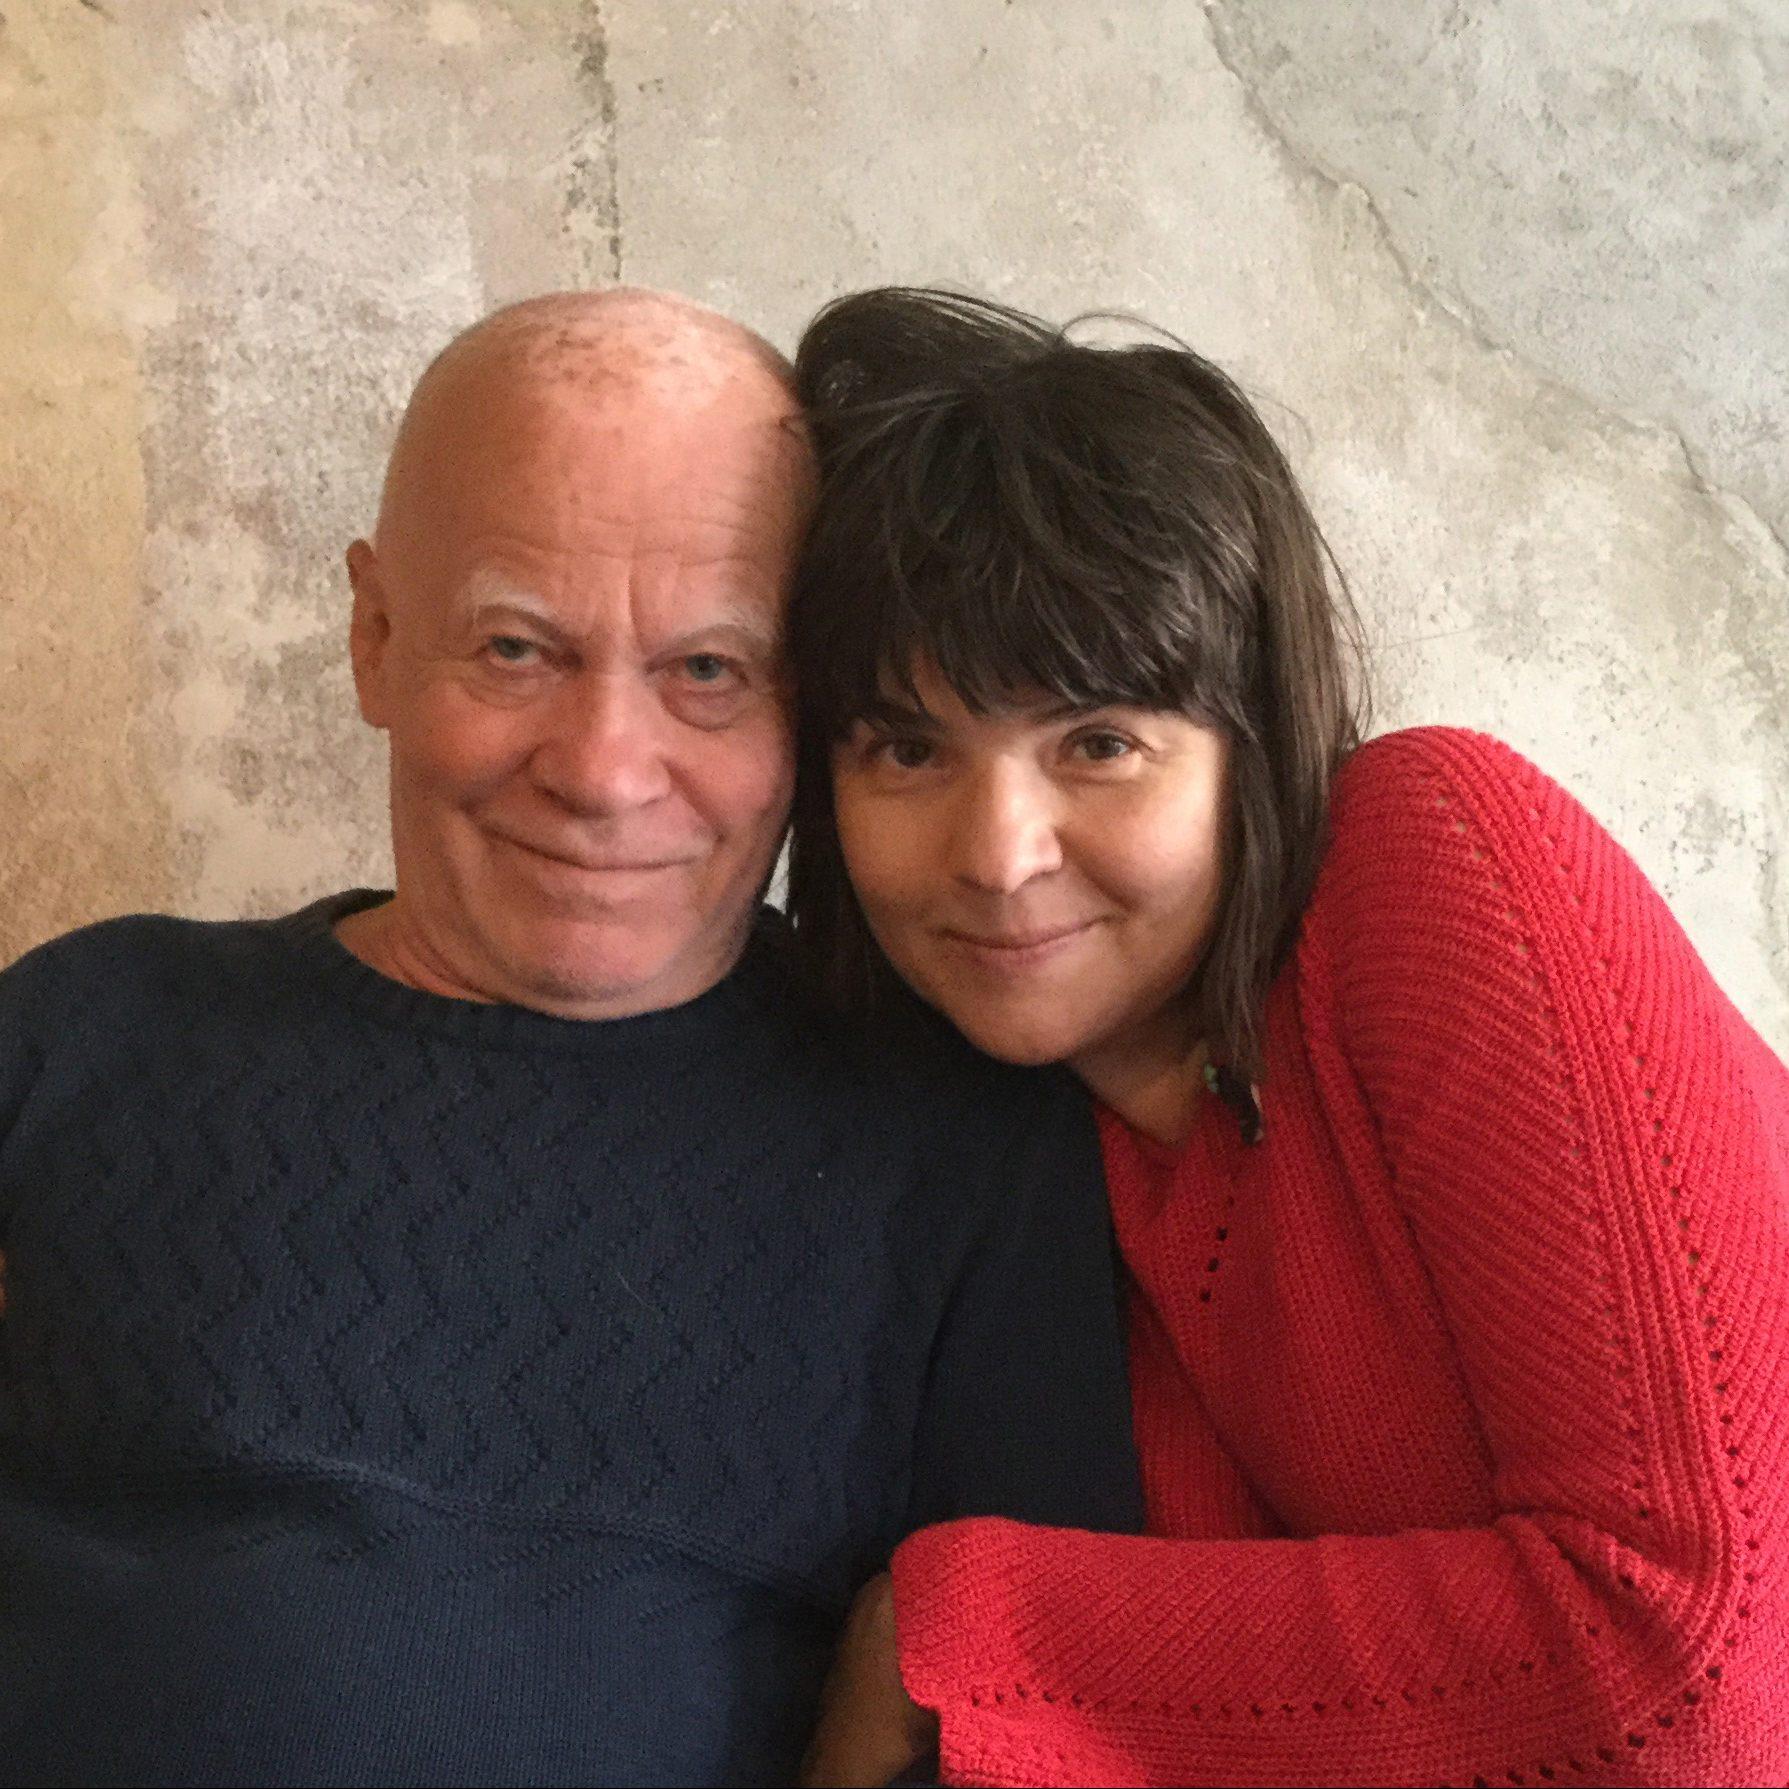 Olga_ja_PRIIT_PÄRN_2018_fotoMärtRudolfPärn